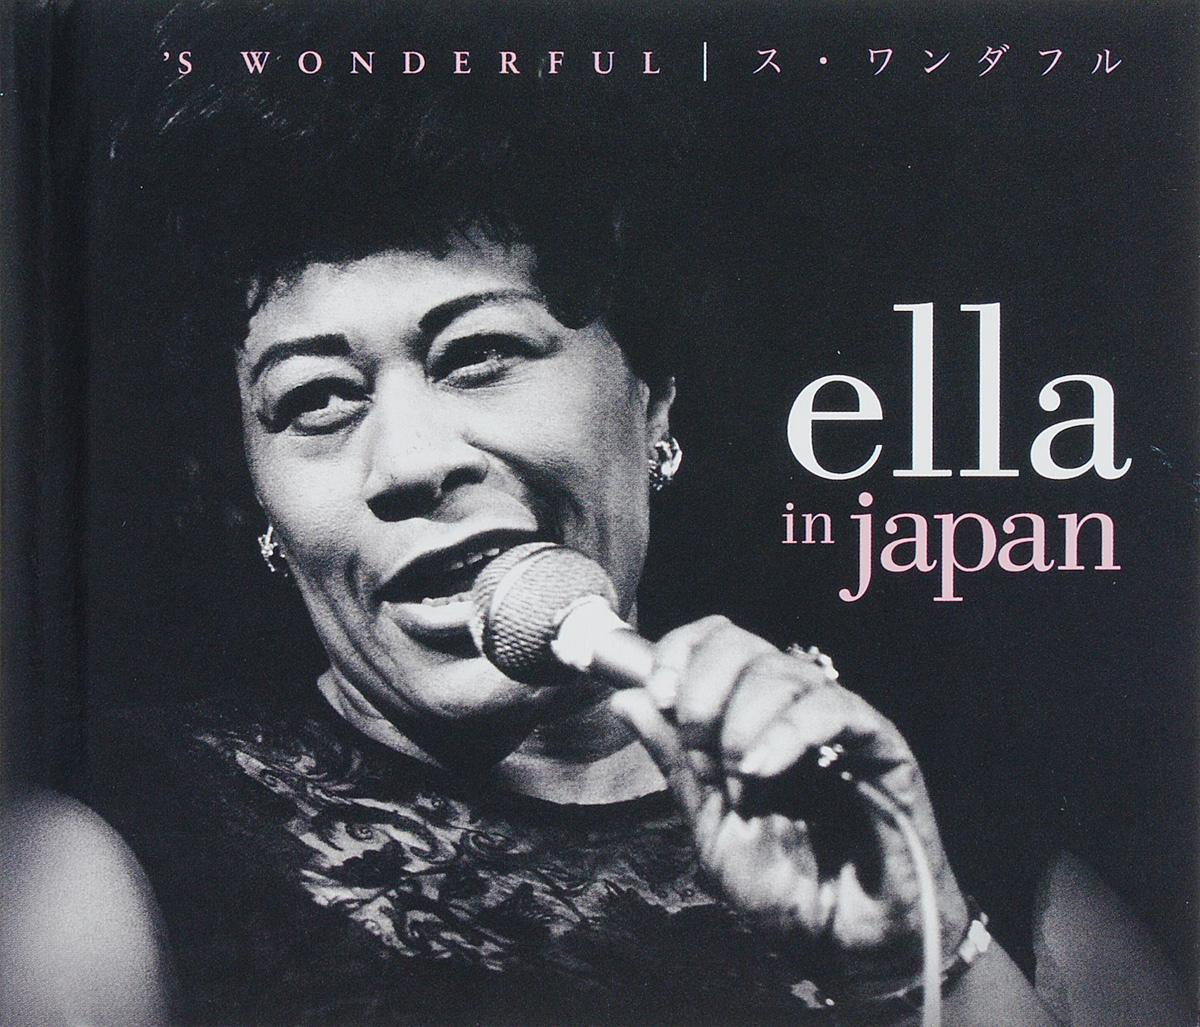 цена Элла Фитцжеральд Ella Fitzgerald. In Japan (2 CD) в интернет-магазинах